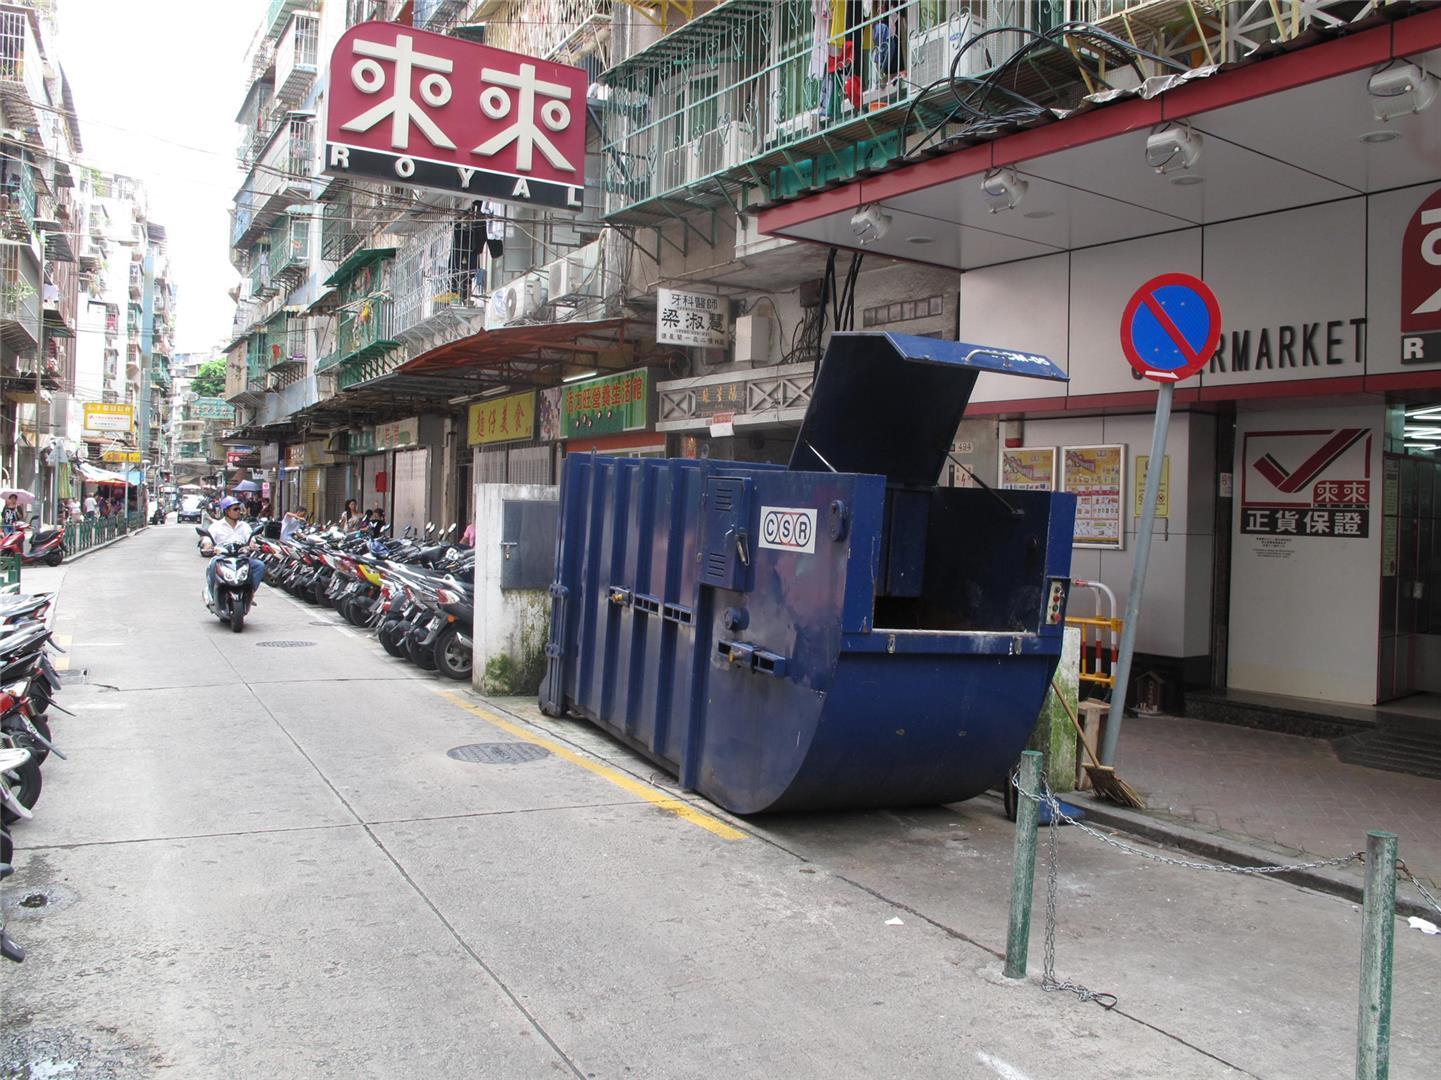 M14 Compacting trash bin at Rua da Praia do Manduco No. 57